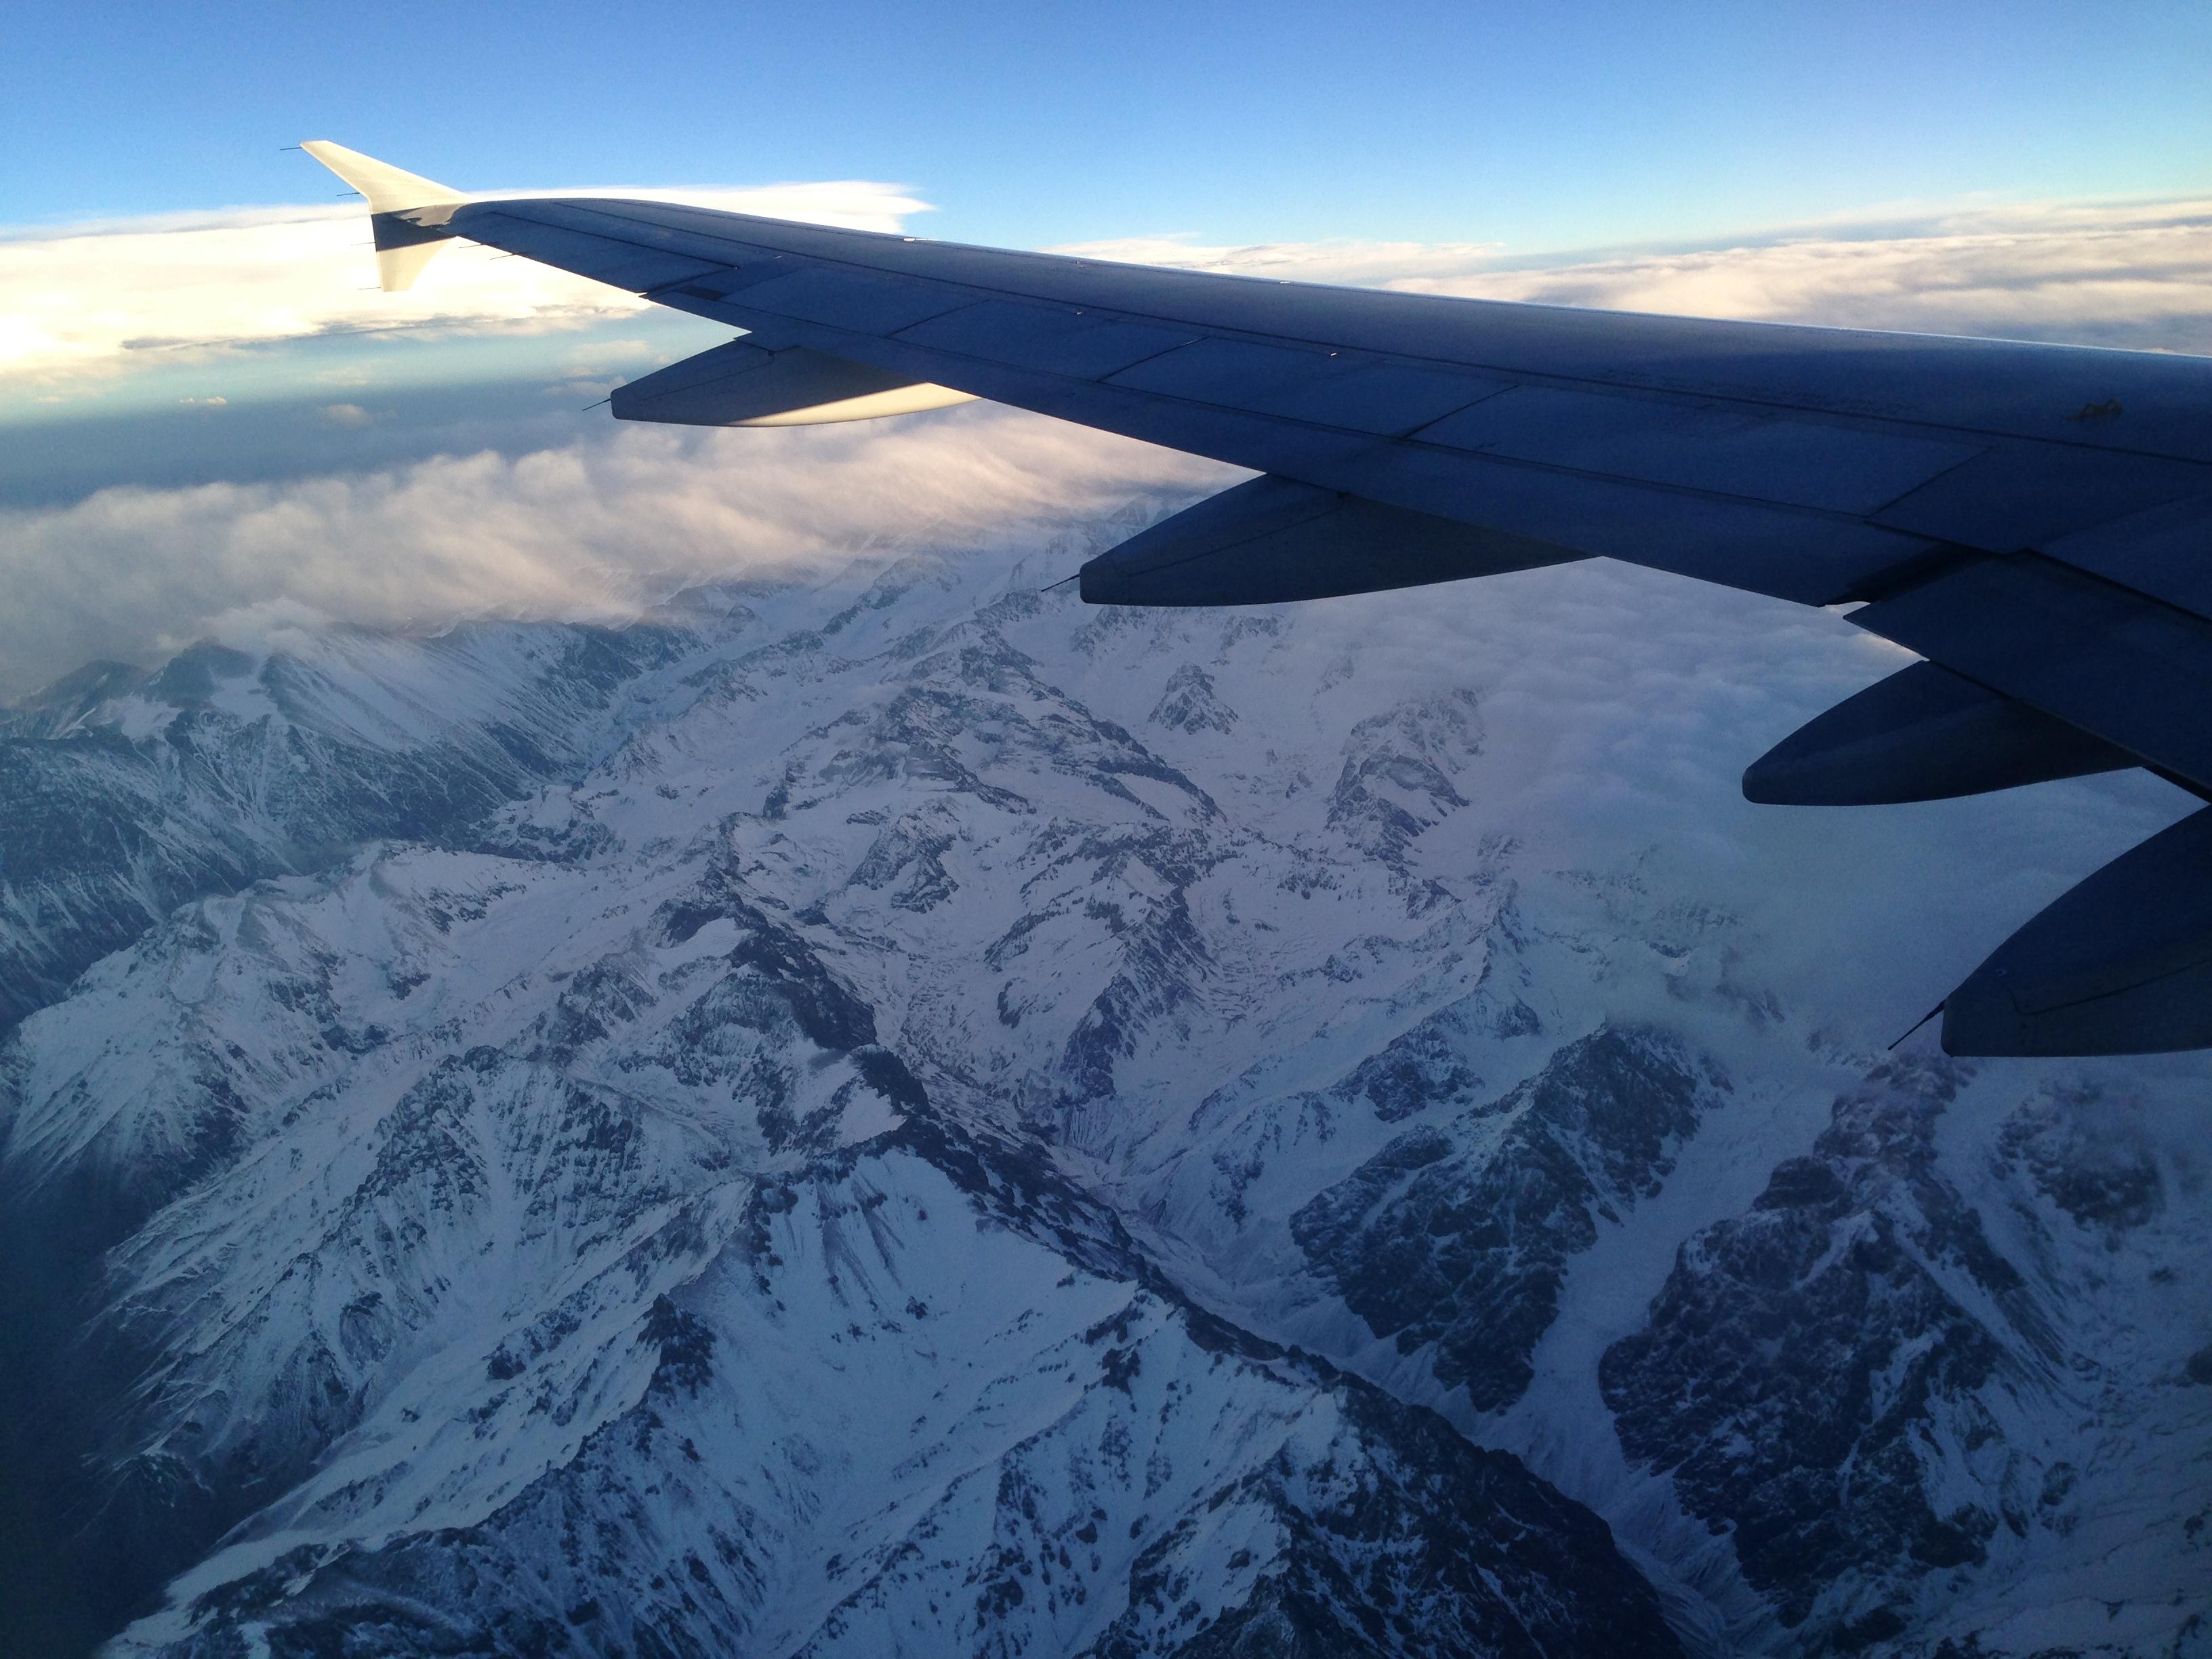 vista da cordilheira pela janela do aviao